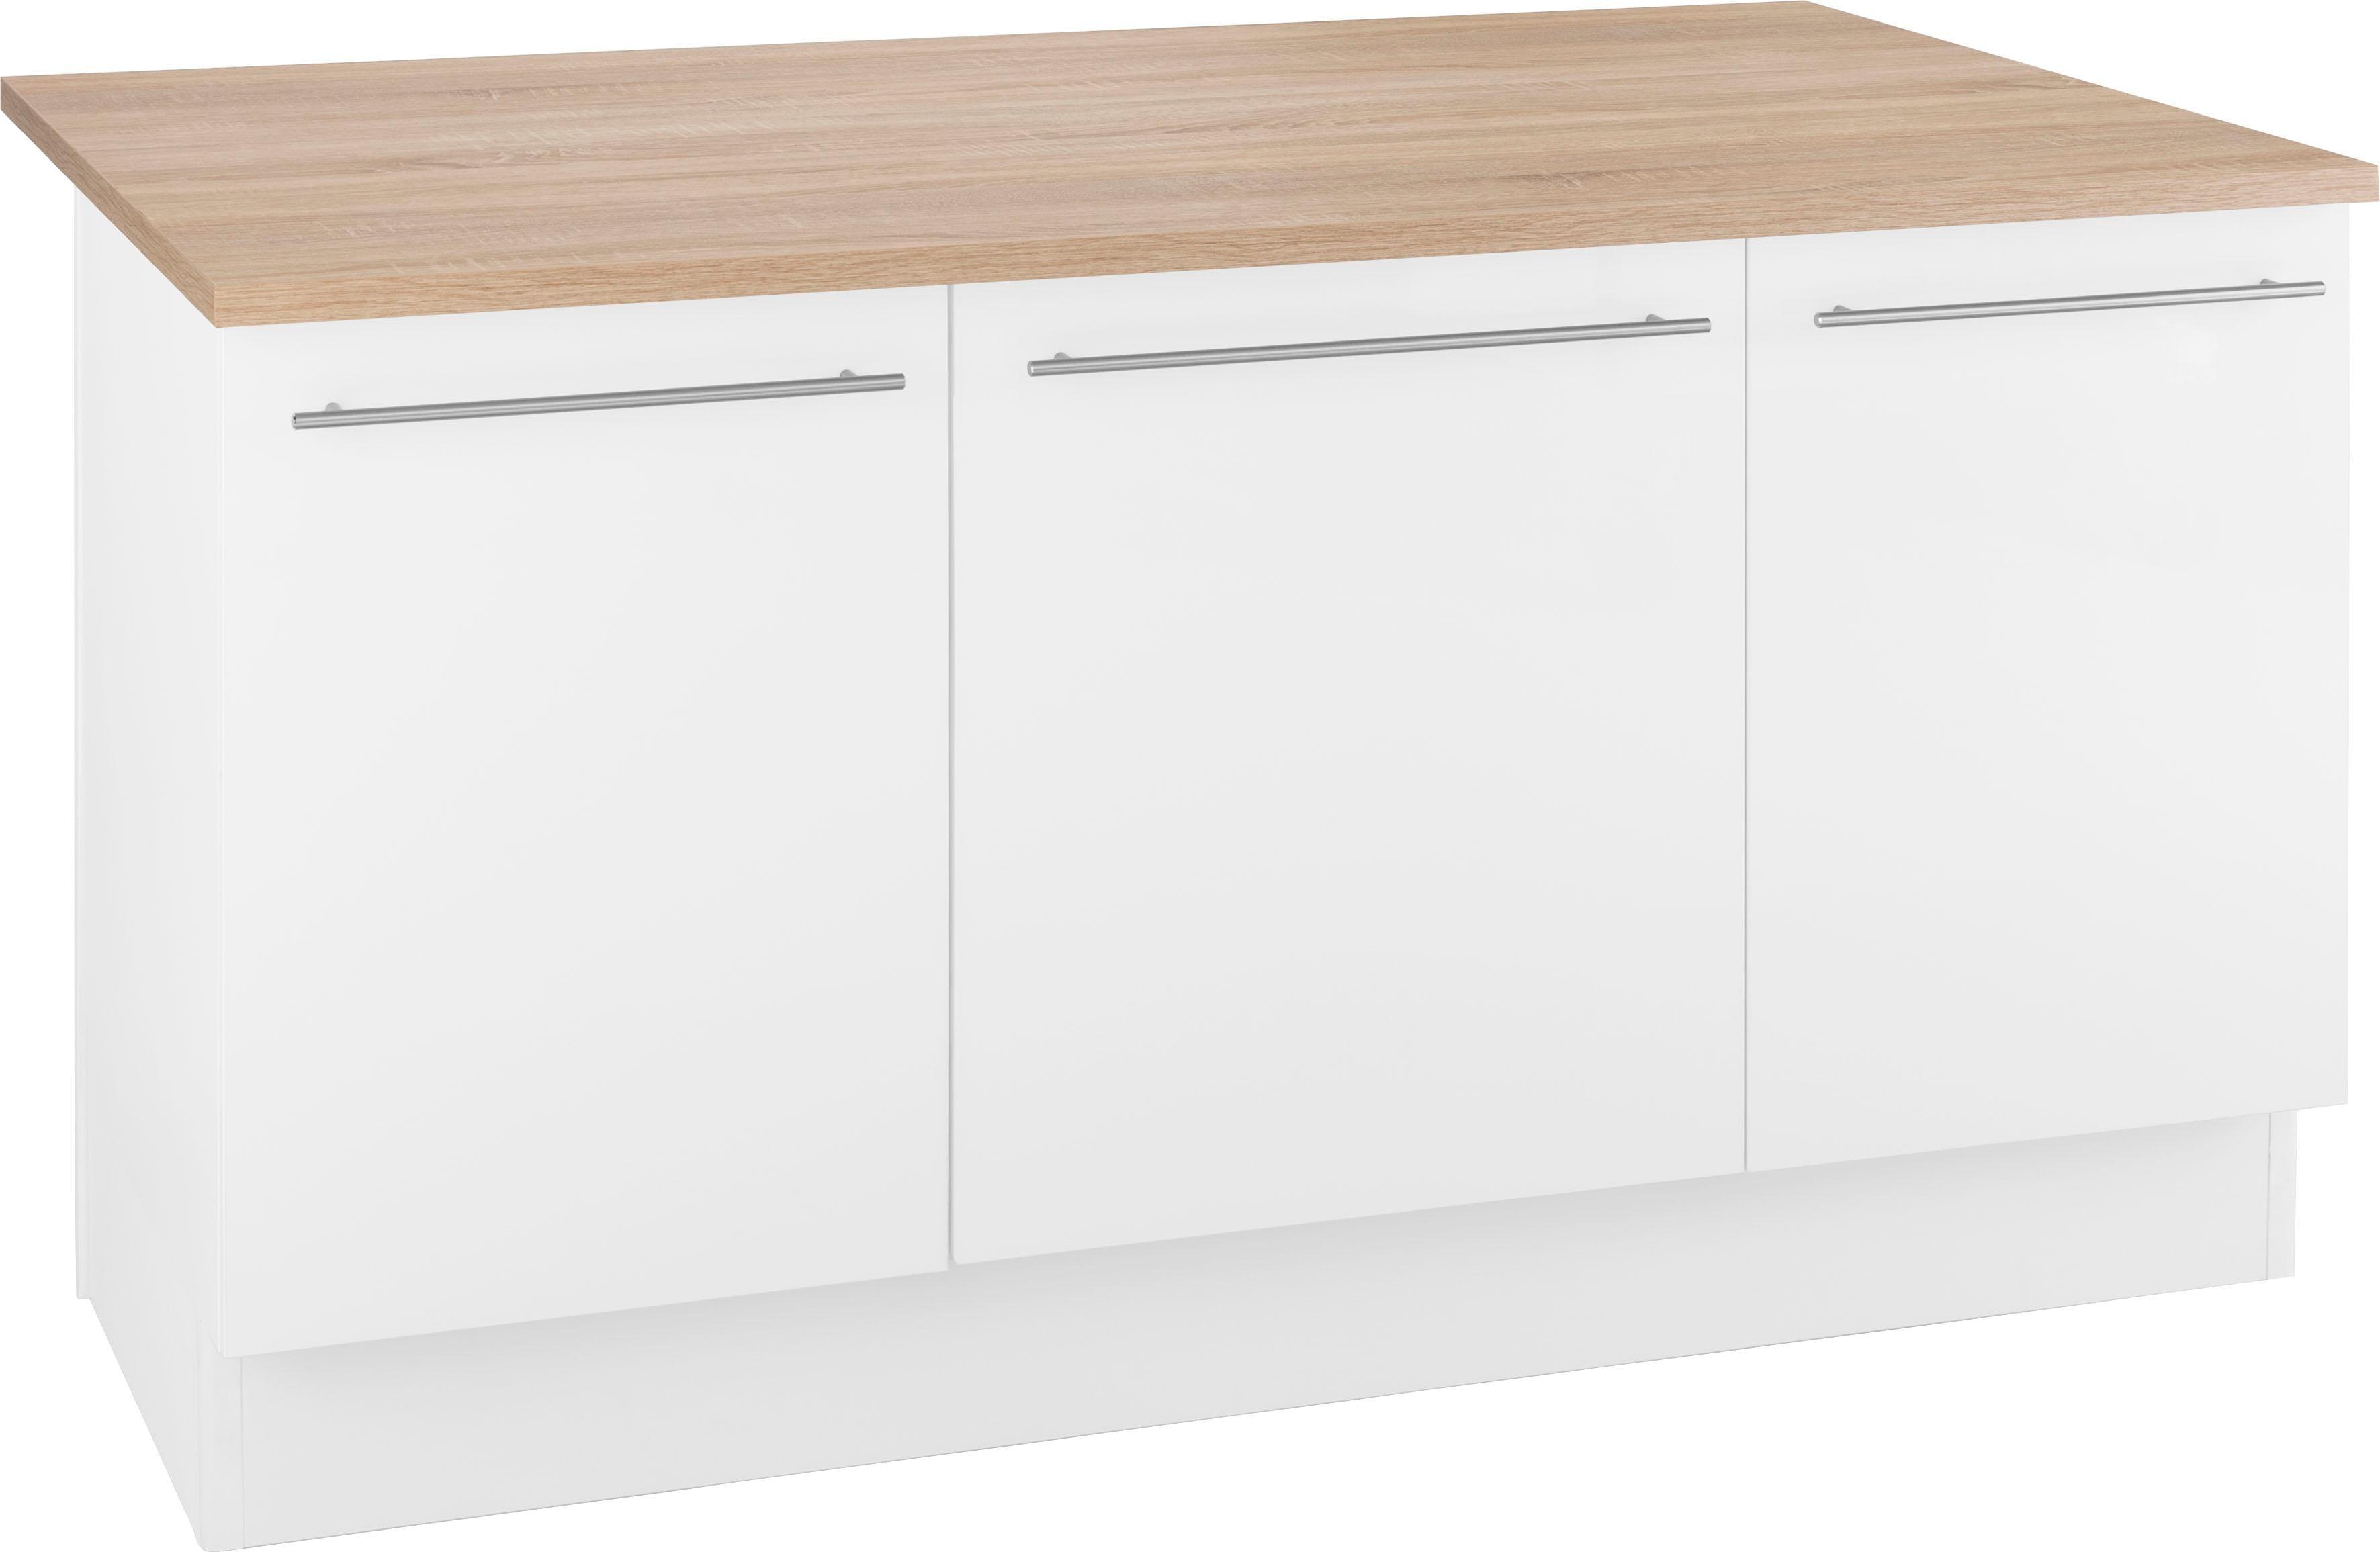 melamin tresen und theken online kaufen m bel. Black Bedroom Furniture Sets. Home Design Ideas